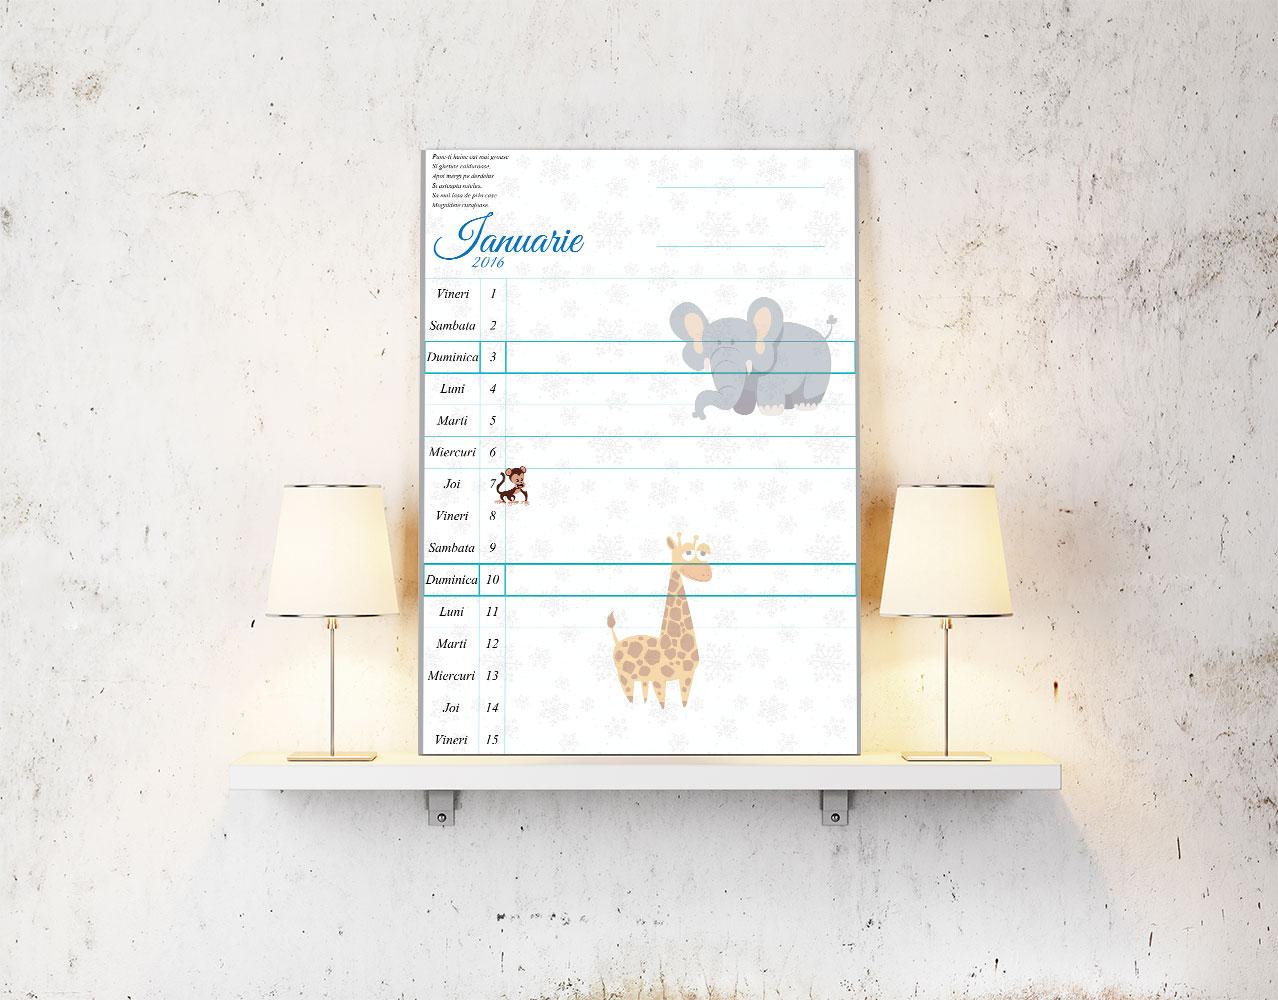 Descarca gratuit un calendar pentru bebelusi, pe Tulpa.ro